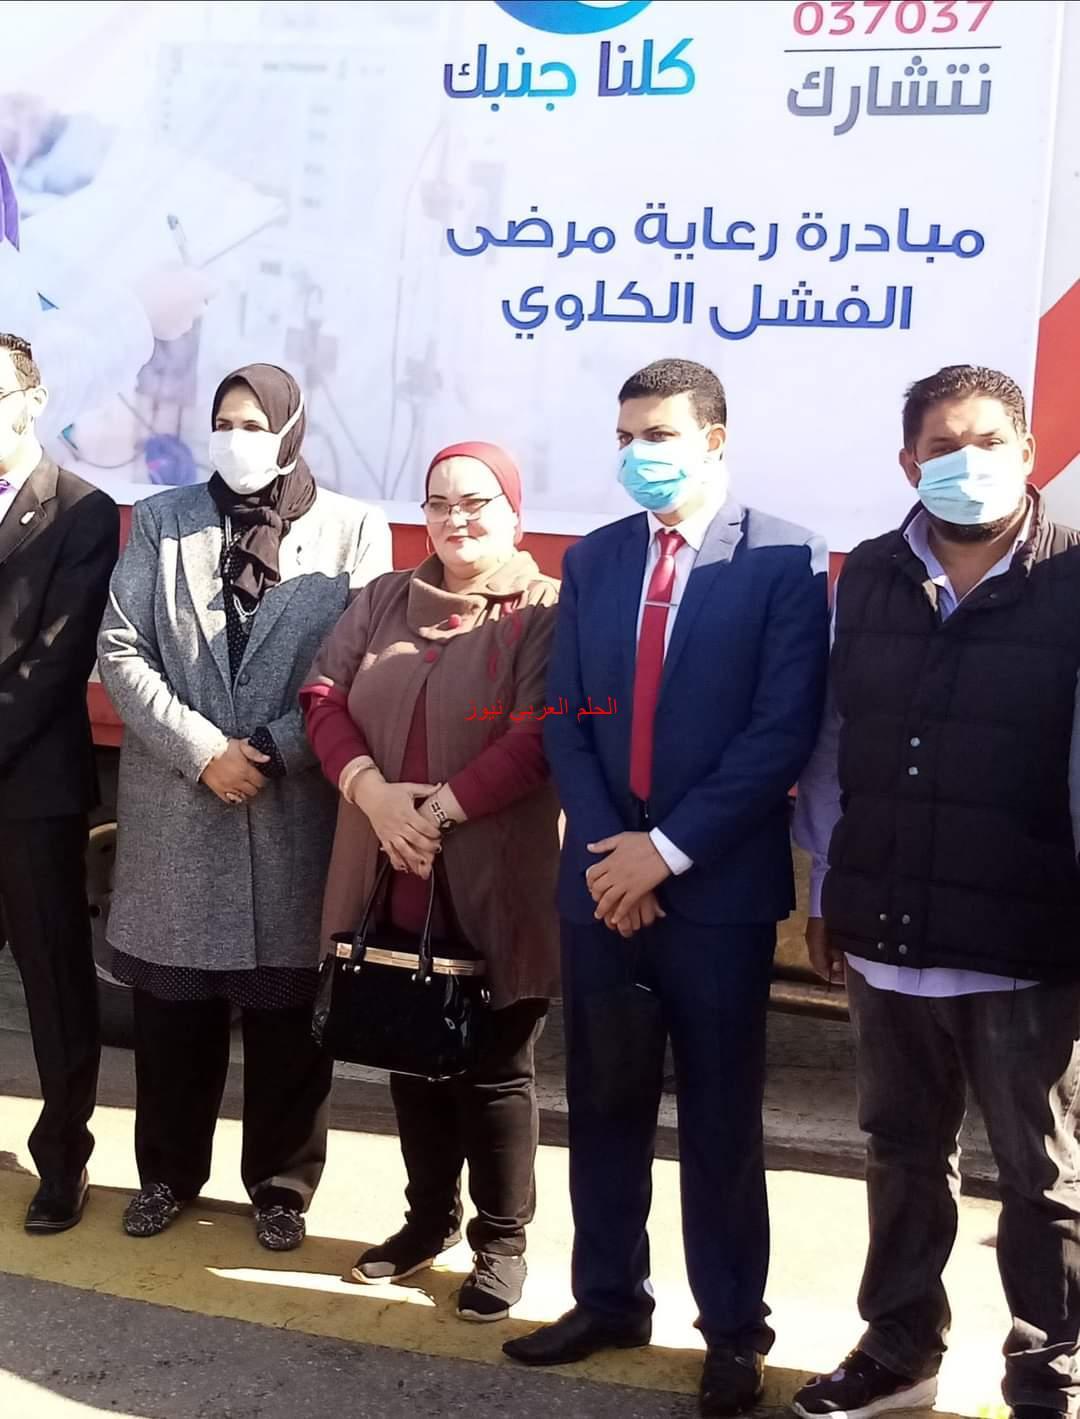 محافظ كفرالشيخ يشهد توزيع كراتين صندوق تحيا مصر لدعم الأسر الأولي بالرعاية بالمحافظة